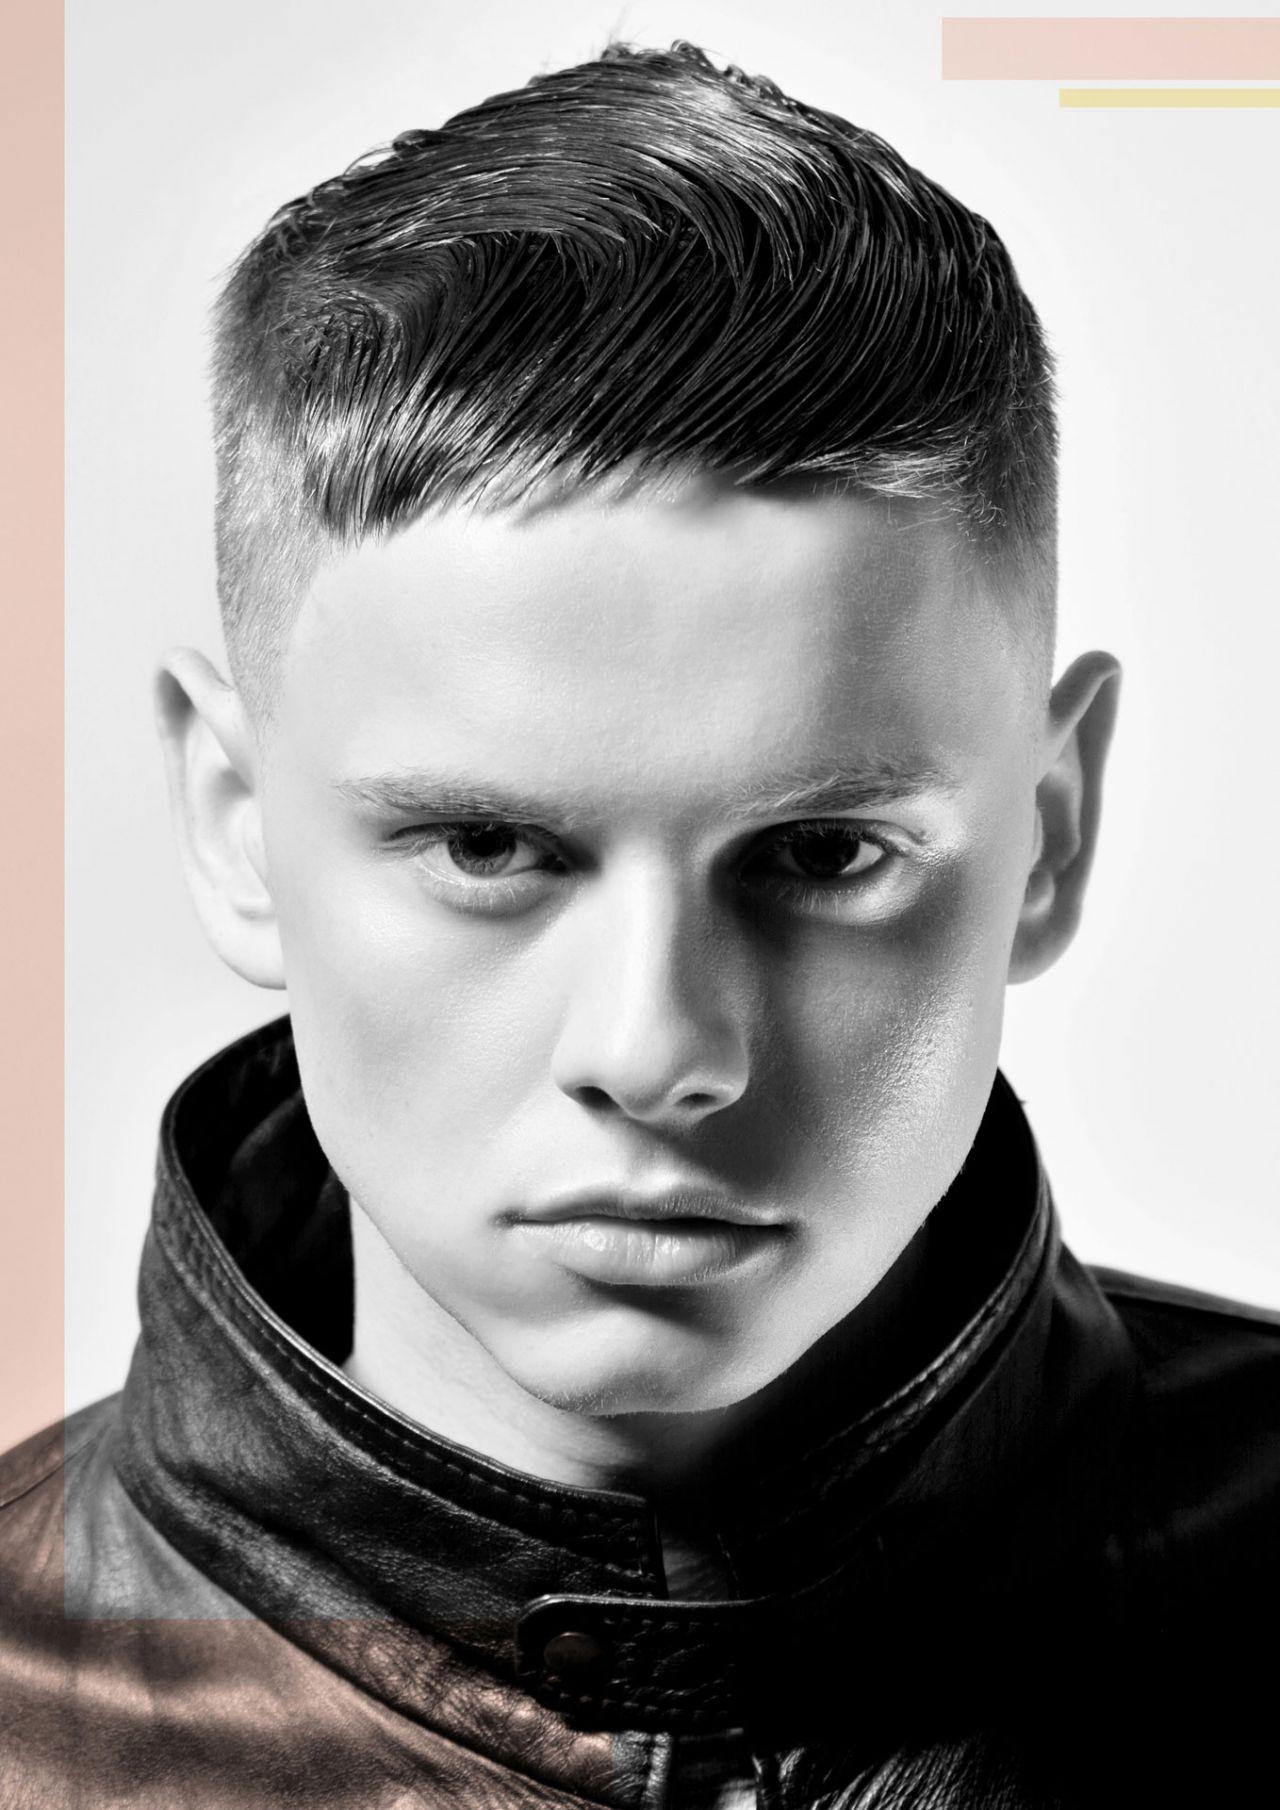 20 Der Besten Ideen Für nordische Frisuren Männer - Beste